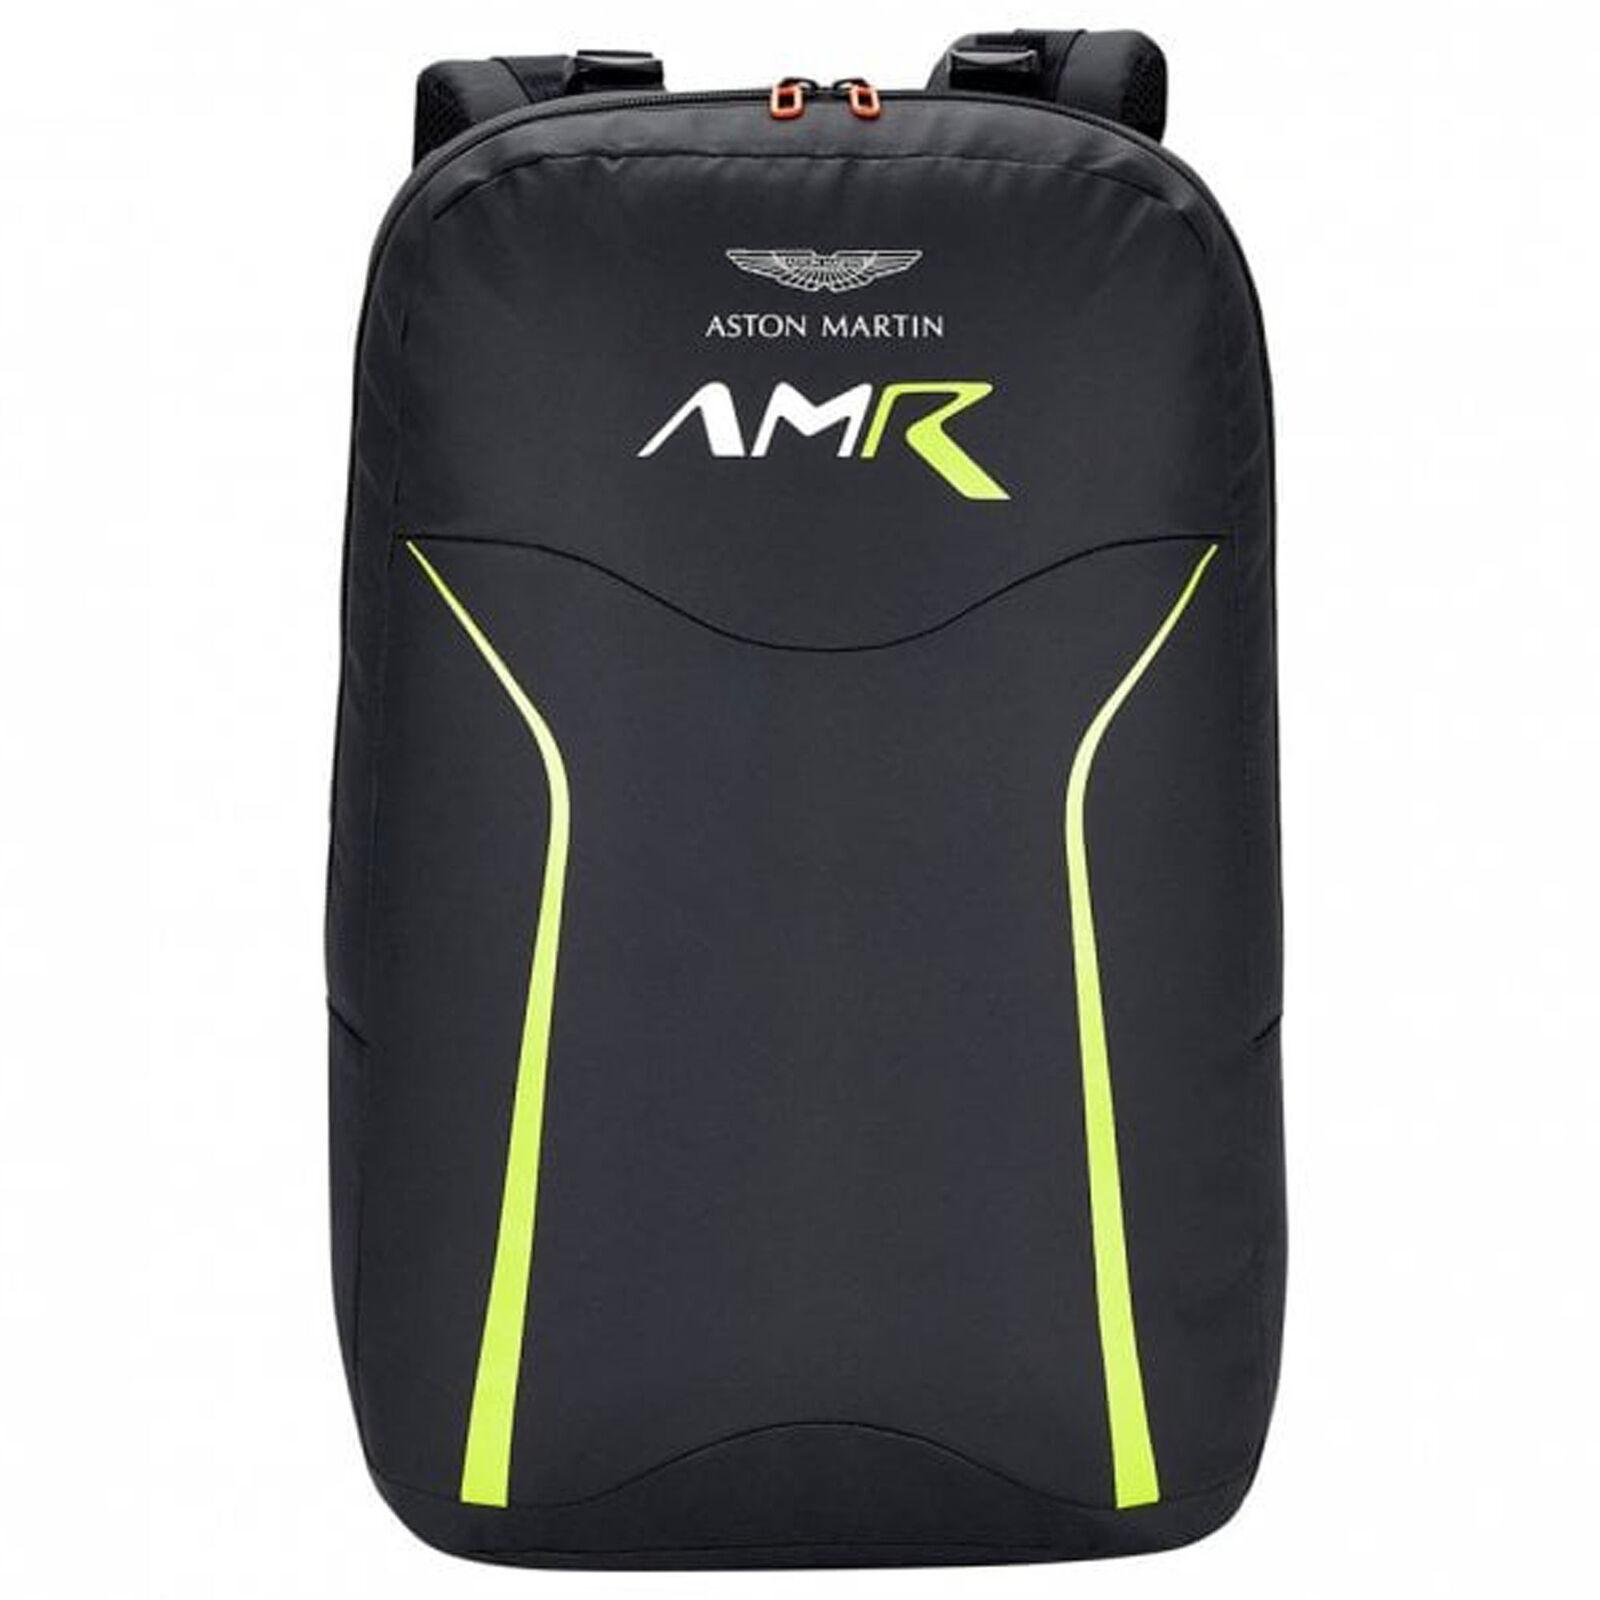 ★送料無料★Aston Martin Racing Team GT Rucksack Backpack Bag アストンマーティン バックパック リュック ブラック